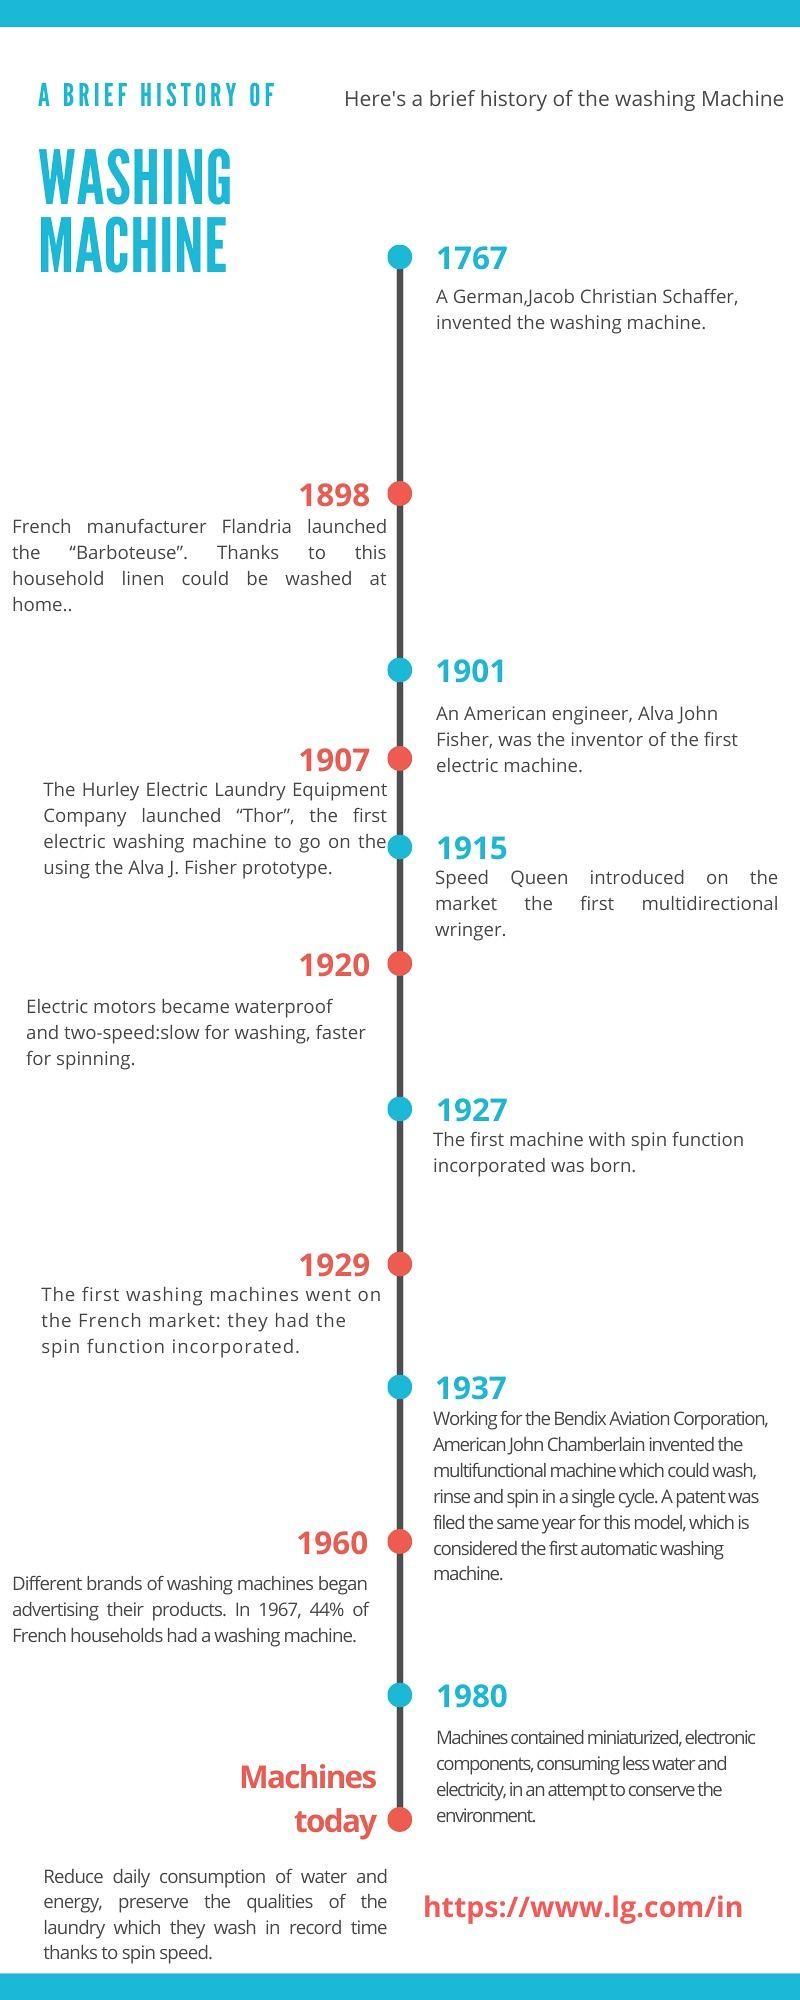 History of Washing Machine